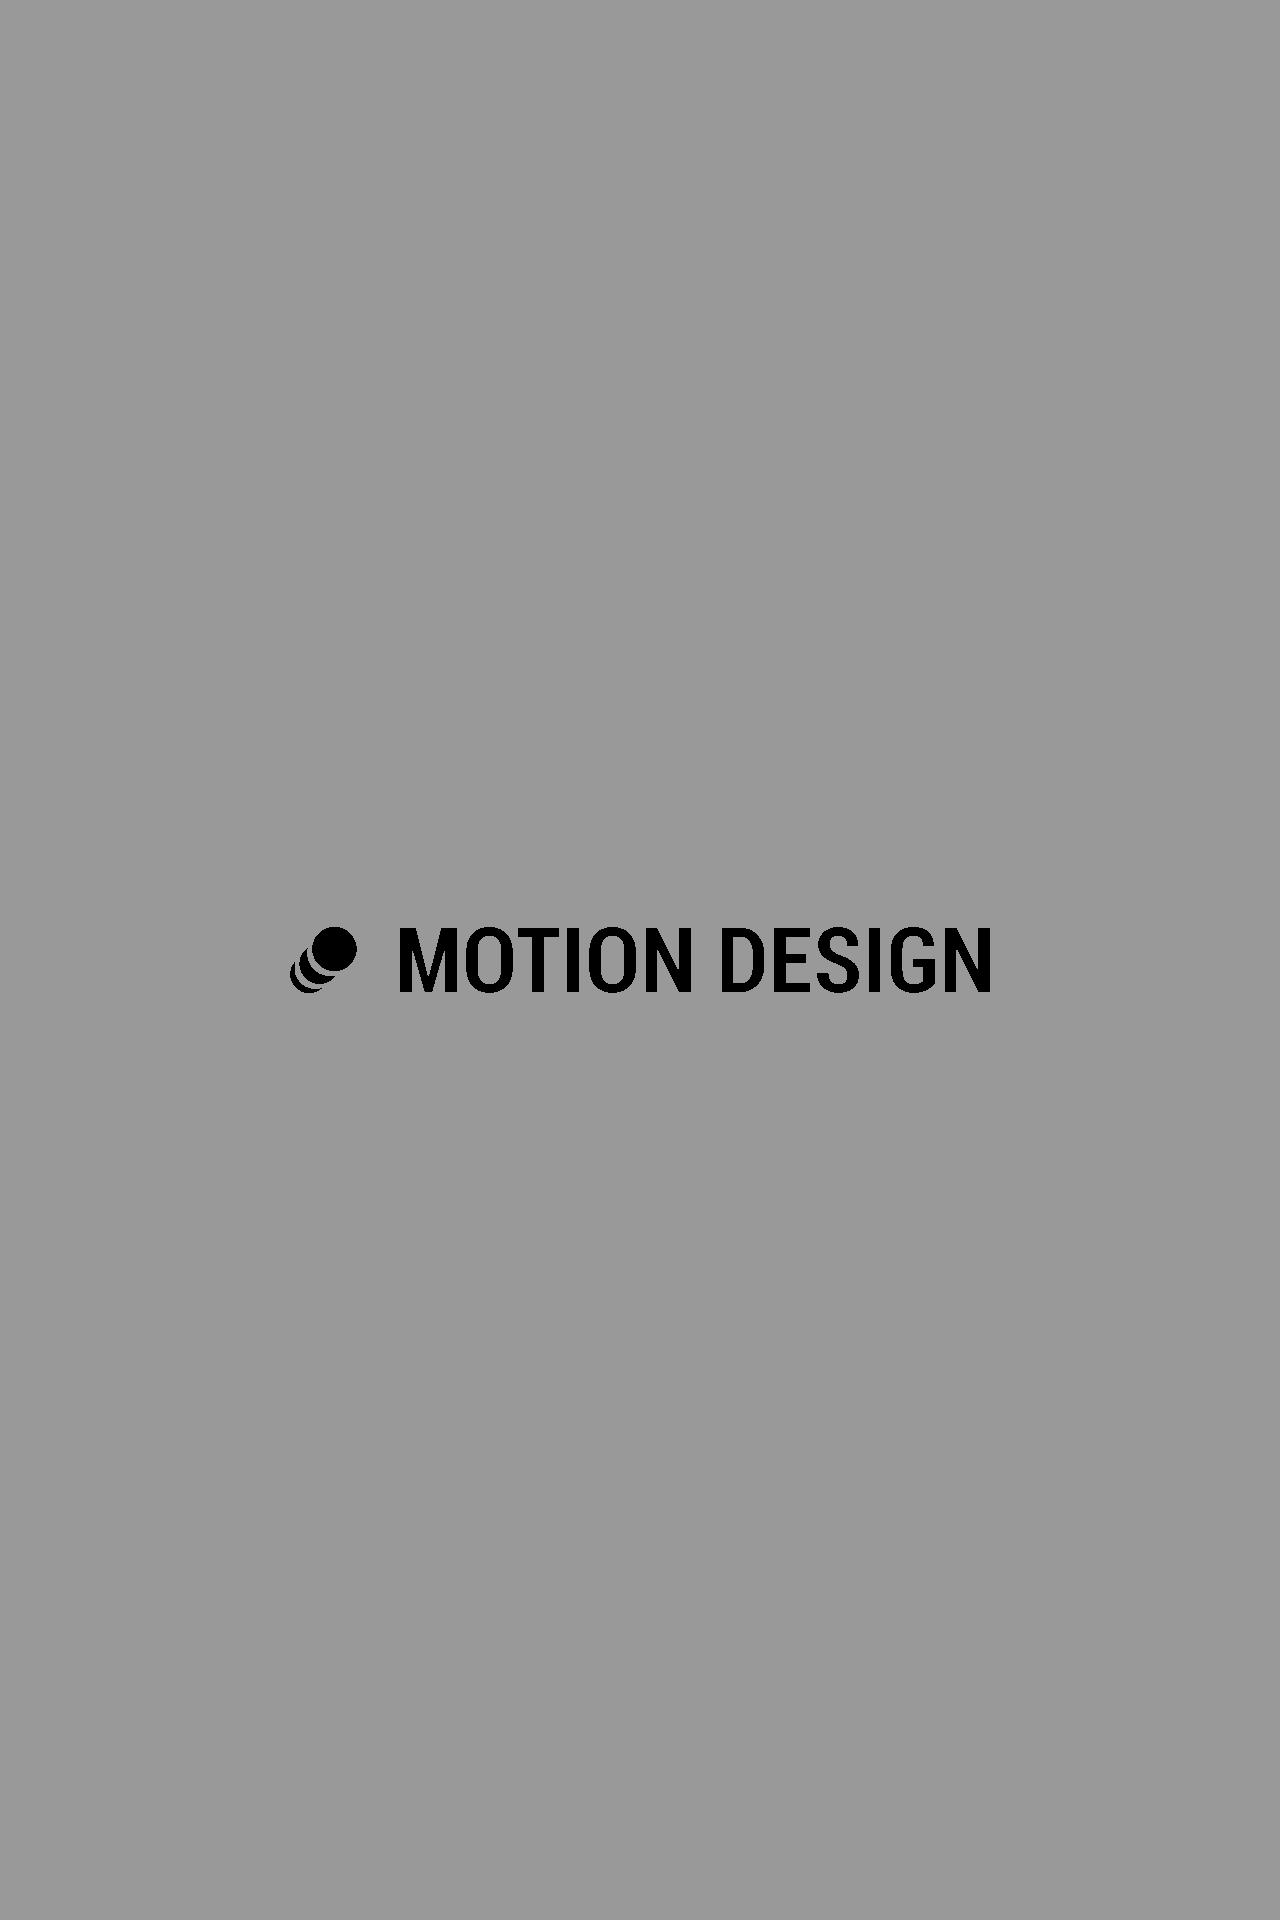 Blog---Motion-Design---Test.png